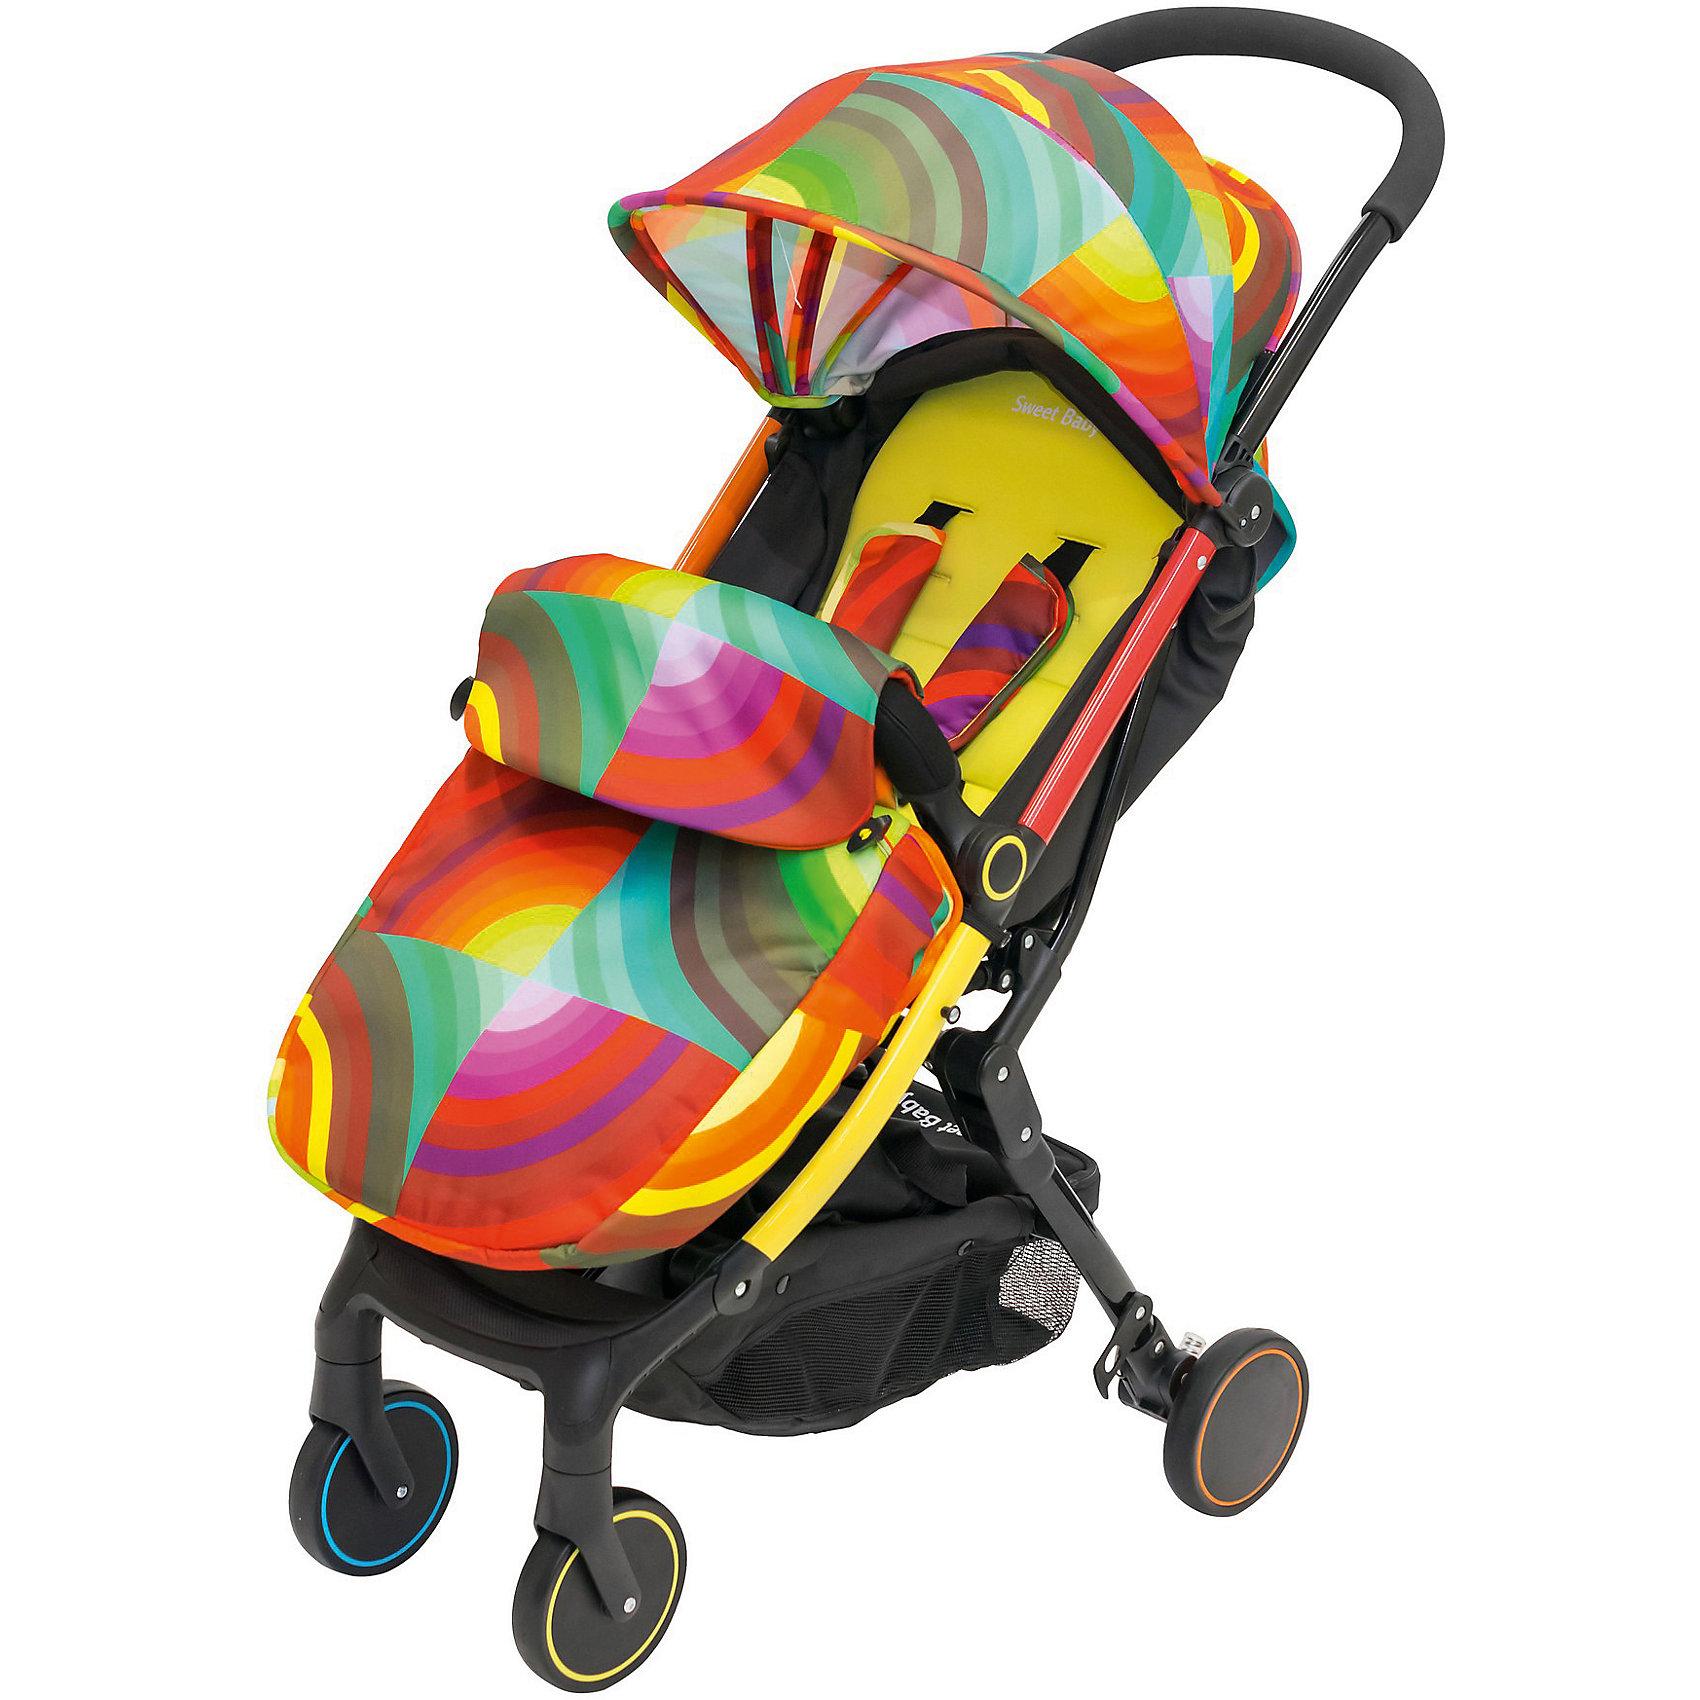 Прогулочная коляска Sweet Baby Combina Tutto, АrcobalenoПрогулочные коляски<br>Характеристики товара:<br><br>• цвет: Аrcobaleno<br>• алюминиевая рама.<br>• 5-ти точечные ремни безопасности с мягкими плечевыми накладками<br>• ручка коляски покрыта съемным чехлом<br>• высокие бортики позволяют использовать коляску в качестве люльки<br>• 4 положения подножки<br>• горизонтальное положение подножки<br>• на капюшоне есть смотровое окошко<br>• съемный бампер (чехол снимается)<br>• накидка на ножки<br>• дождевик<br>• москитная сетка<br>• сумка-чехол<br>• передние колеса поворотные (d14см)<br>• корзина для покупок с отделением на молнии<br>• размер коляски: 80х50х105 см<br>• спальное место: 58х35х25 см<br>• размер в сложенном виде: 50х48х18 см<br>• вес: 7,5 кг<br><br>Прогулочная коляска Combina Tutto является представителем круизной коллекции от Sweet Baby, имеющей небольшой вес и компактный размер, что идеально для активных родителей, путешествующих с ребенком. В сложенном виде она очень компактна и без труда влезет в багажник или на полку самолета. Модель легко складывается и убирается в специальную сумку, которую удобно переносить и брать с собой в путешествие.<br><br>Спинка коляски имеет многоступенчатую регулировку. Малыш будет постепенно расти и научится сидеть.Спинка регулируется ремнем в любом положении, включая горизонтальное.<br><br>В коляске отсутствует задняя перекладина. Это делает модель легкой и удобной для родителей, ведь вы больше не будете спотыкаться во время прогулки!<br><br>Прогулочную коляску Sweet Baby Combina Tutto можно купить в нашем интернет-магазине.<br><br>Ширина мм: 440<br>Глубина мм: 520<br>Высота мм: 235<br>Вес г: 9400<br>Возраст от месяцев: 0<br>Возраст до месяцев: 36<br>Пол: Унисекс<br>Возраст: Детский<br>SKU: 5583551